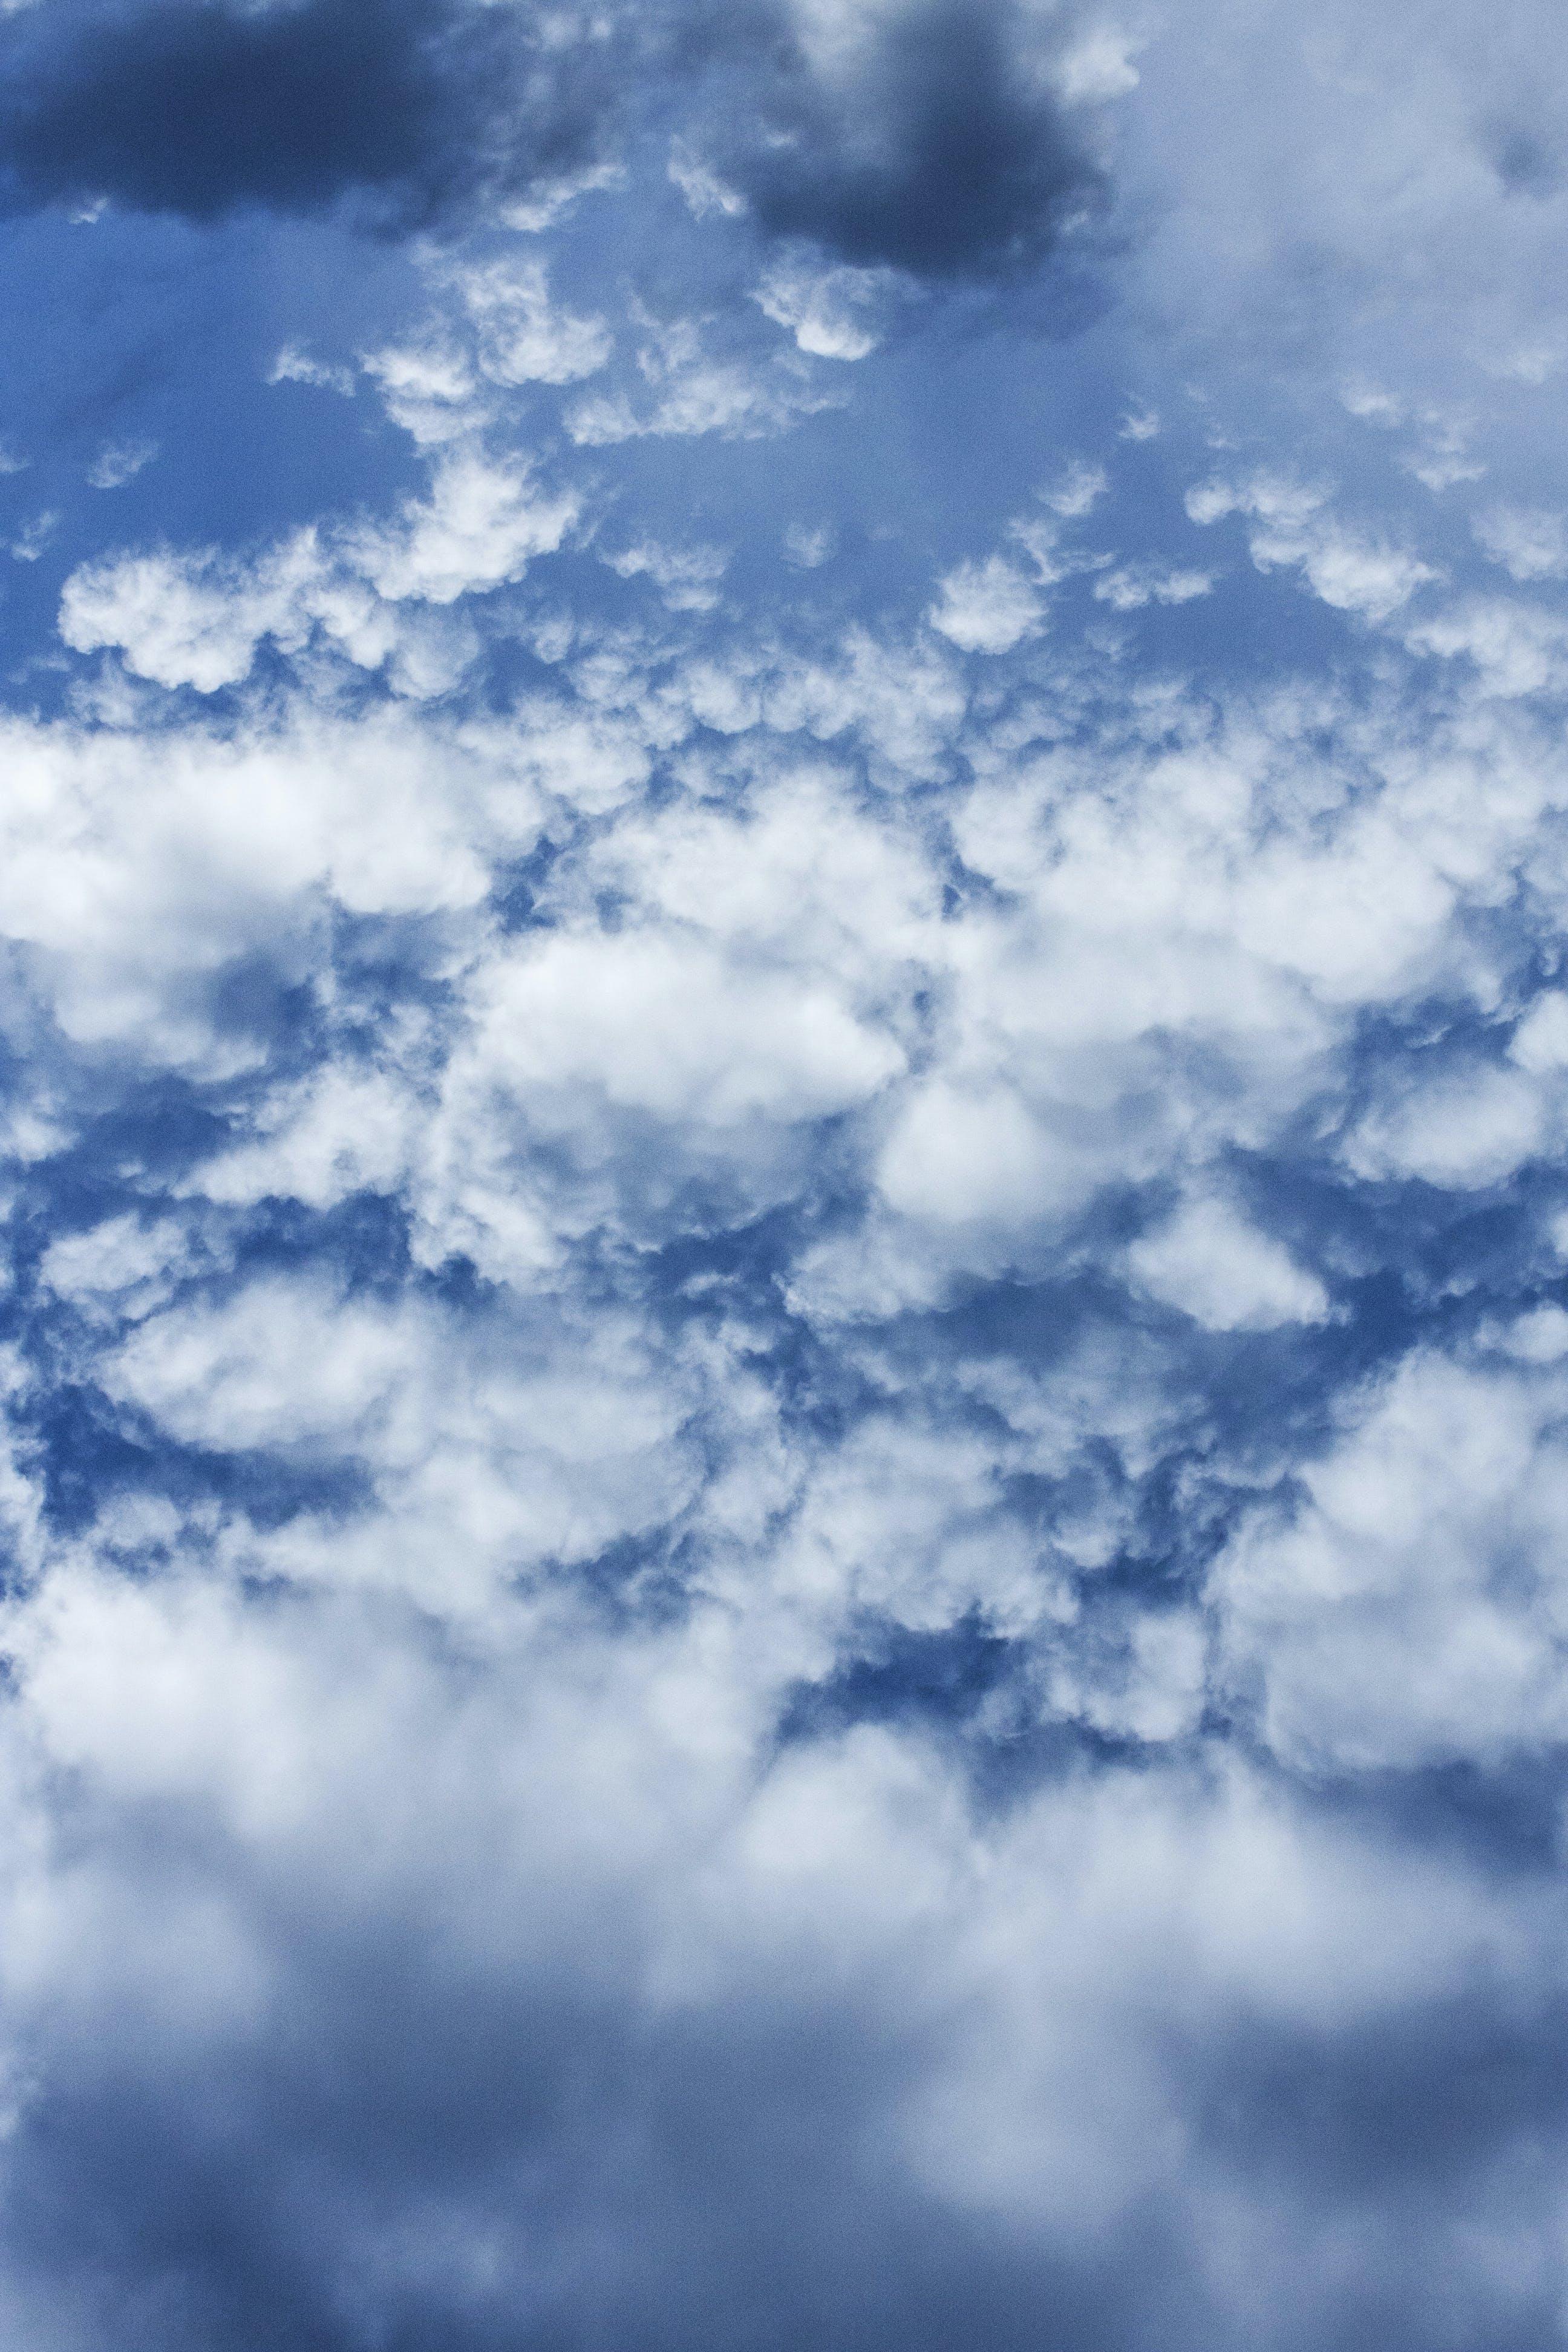 Kostenloses Stock Foto zu atmosphäre, blauer himmel, himmel, hintergrund